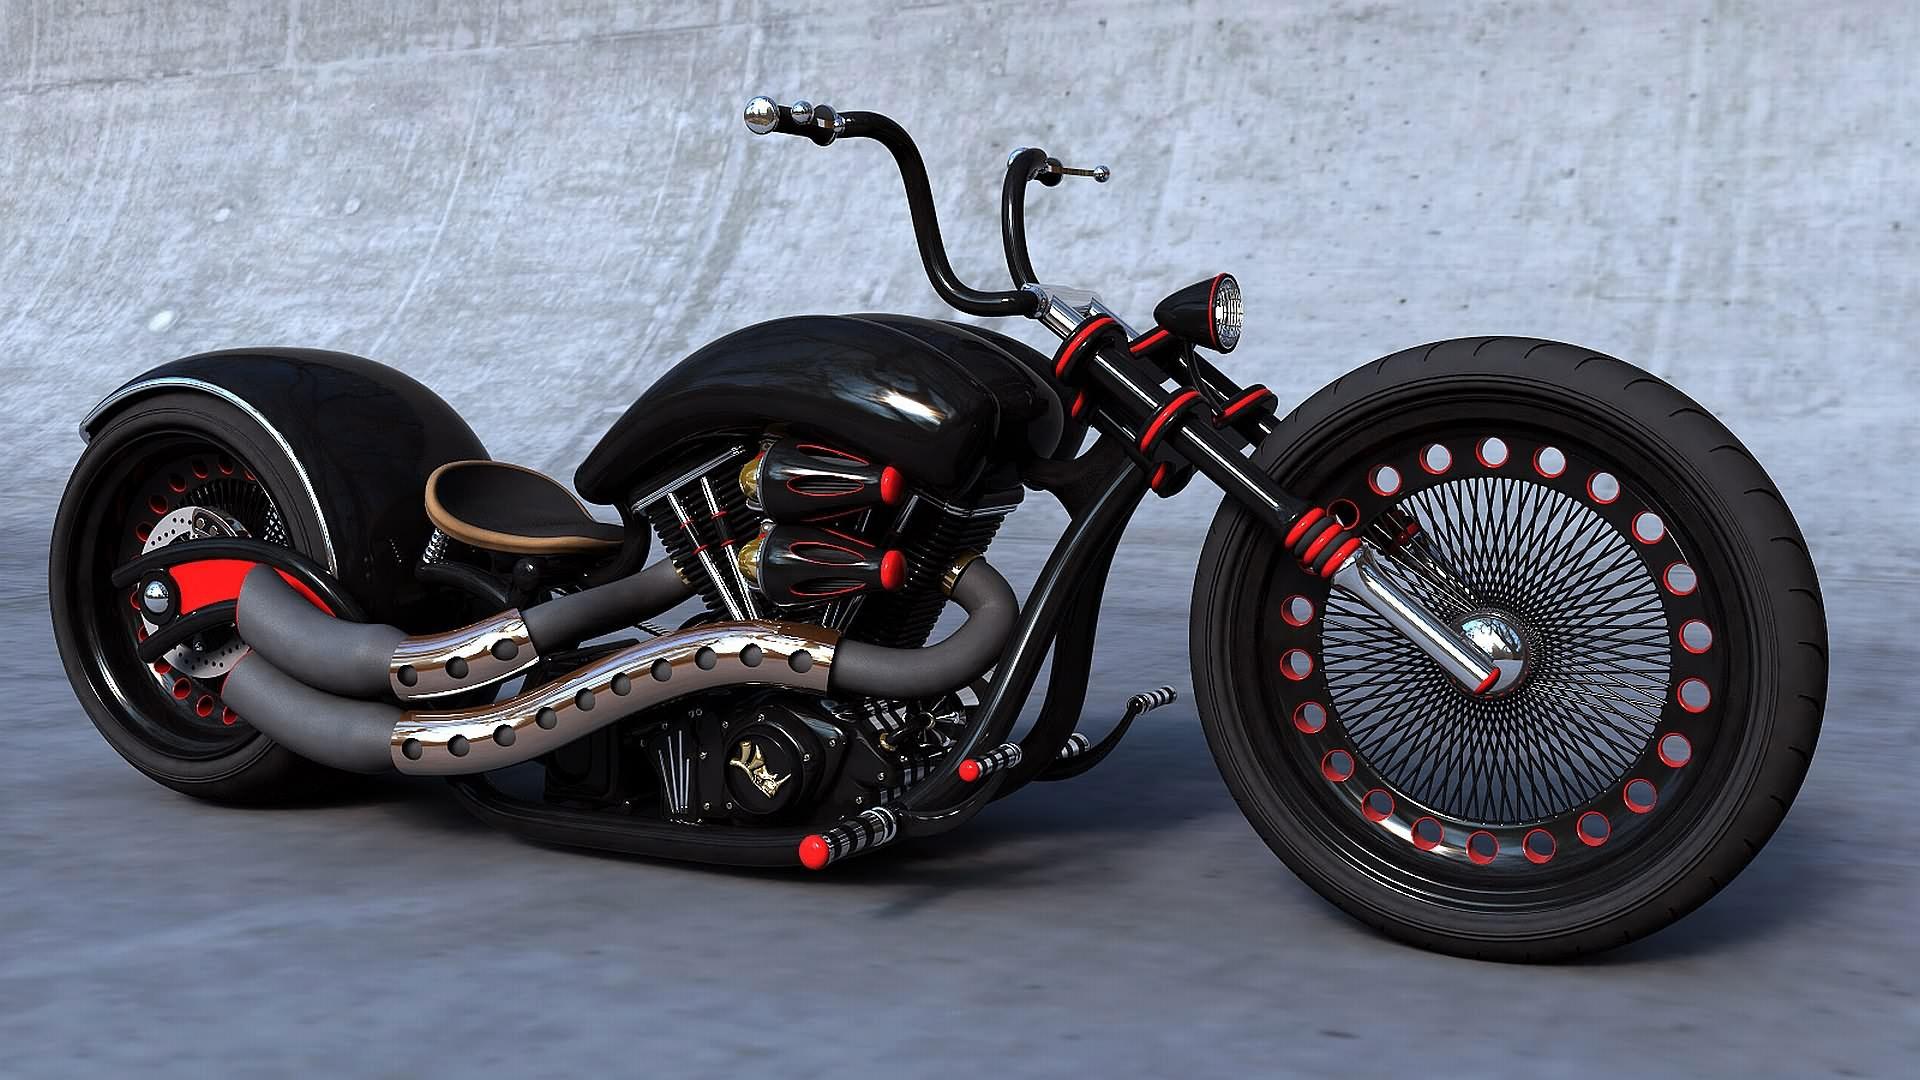 moto, prototype, couperet, moteur, luge, motos, rétro fonds d'écran